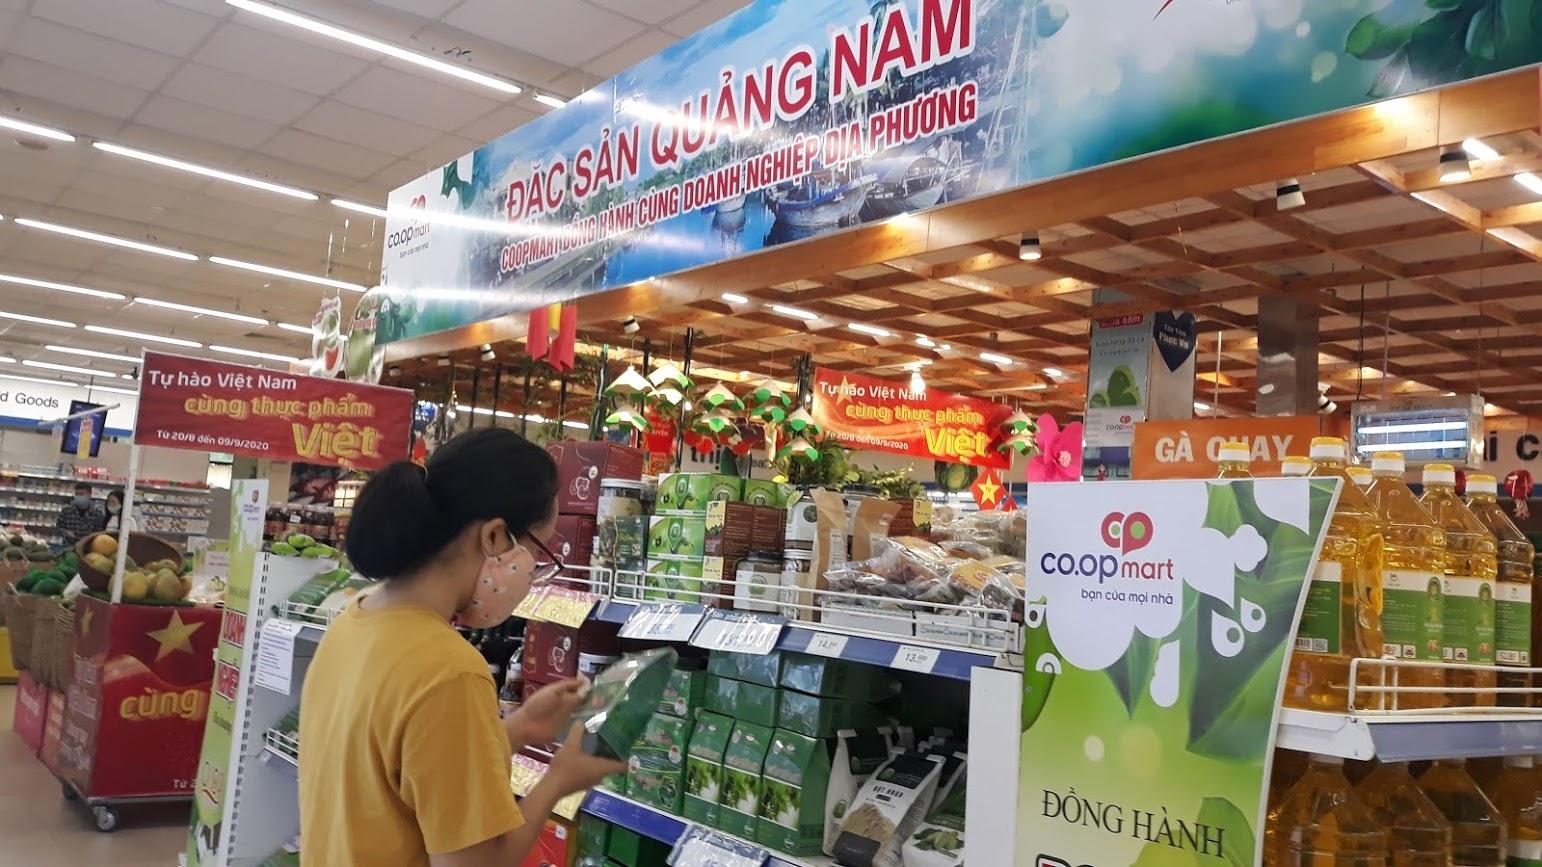 Sở Công Thương yêu cầu thực hiện tăng cường phòng chống Covid-19 tại các siêu thị, cửa hàng thương mại, chợ... Ảnh: C.N